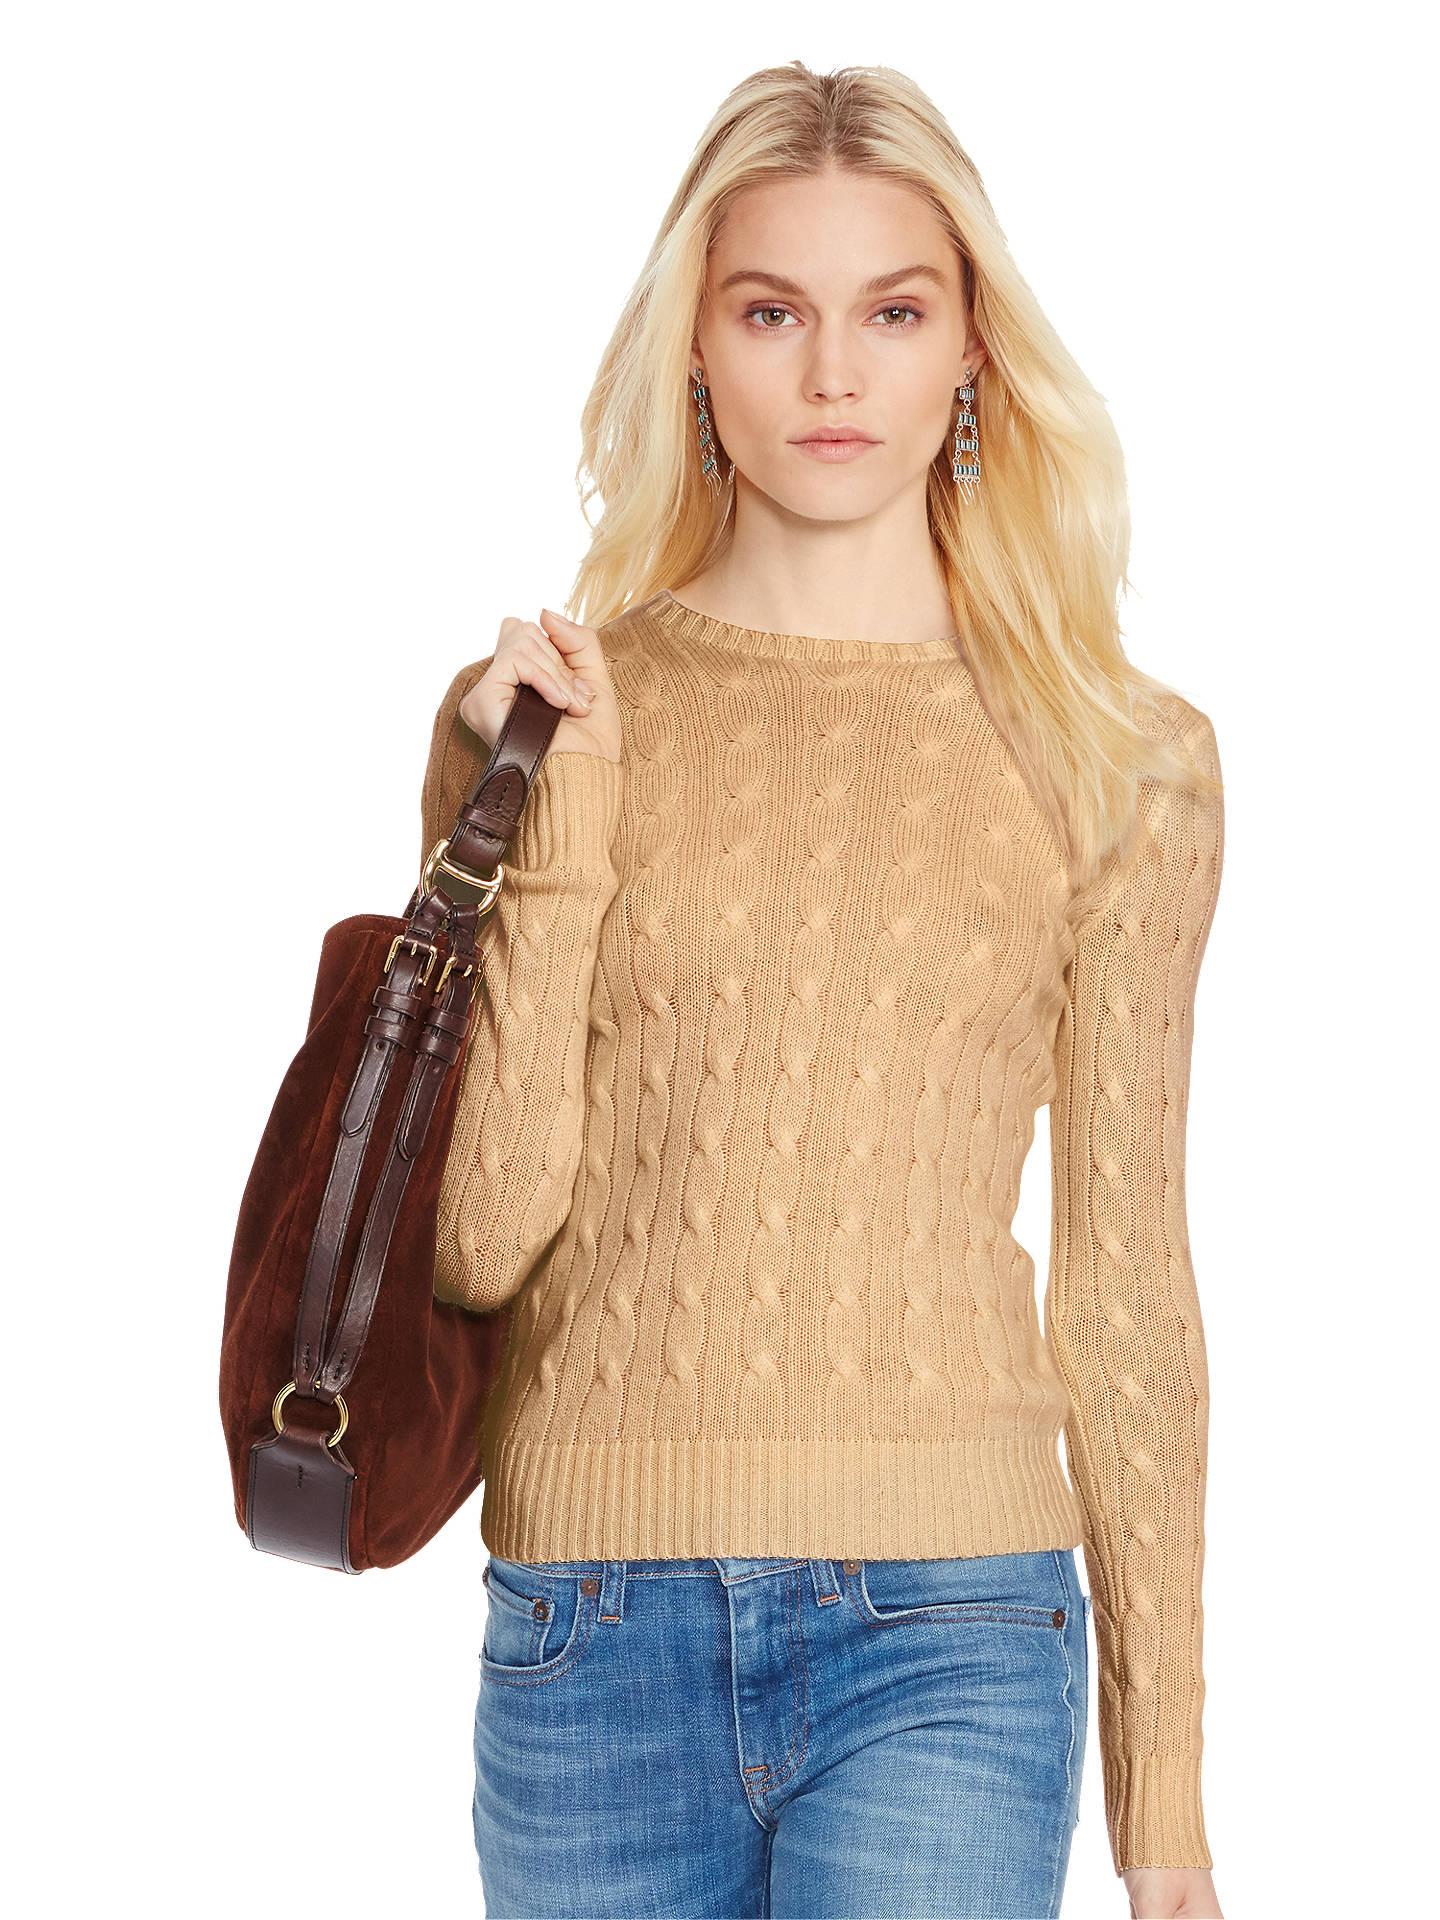 BuyPolo Ralph Lauren Julianna Cable Knit Cashmere Jumper d2609e27d